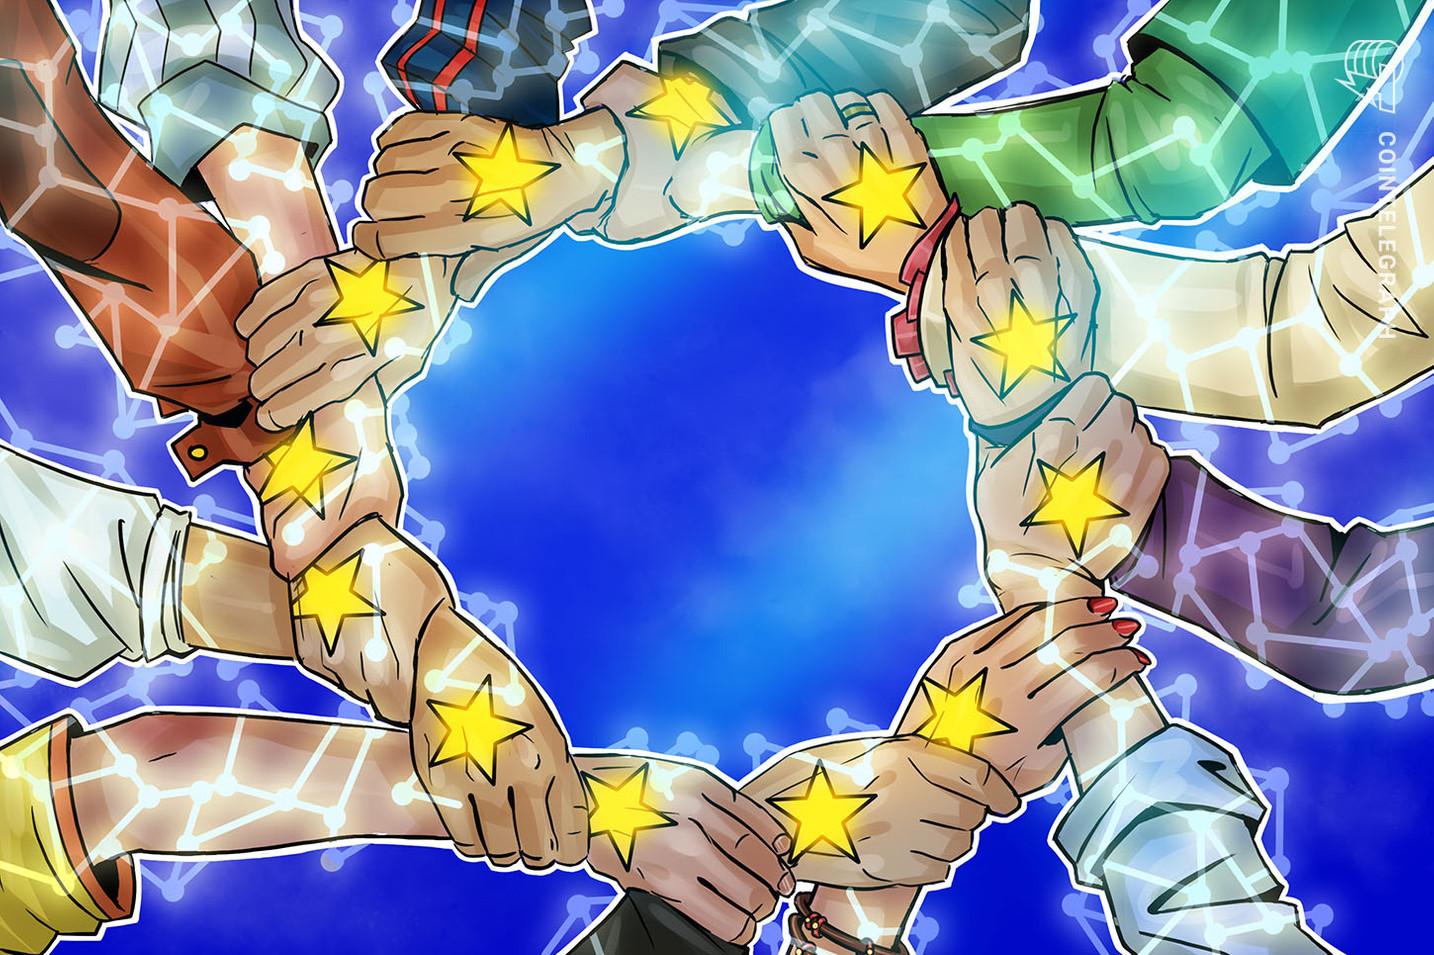 Cadangan EU baru ingin memperketat peraturan untuk menghantar cryptocurrency